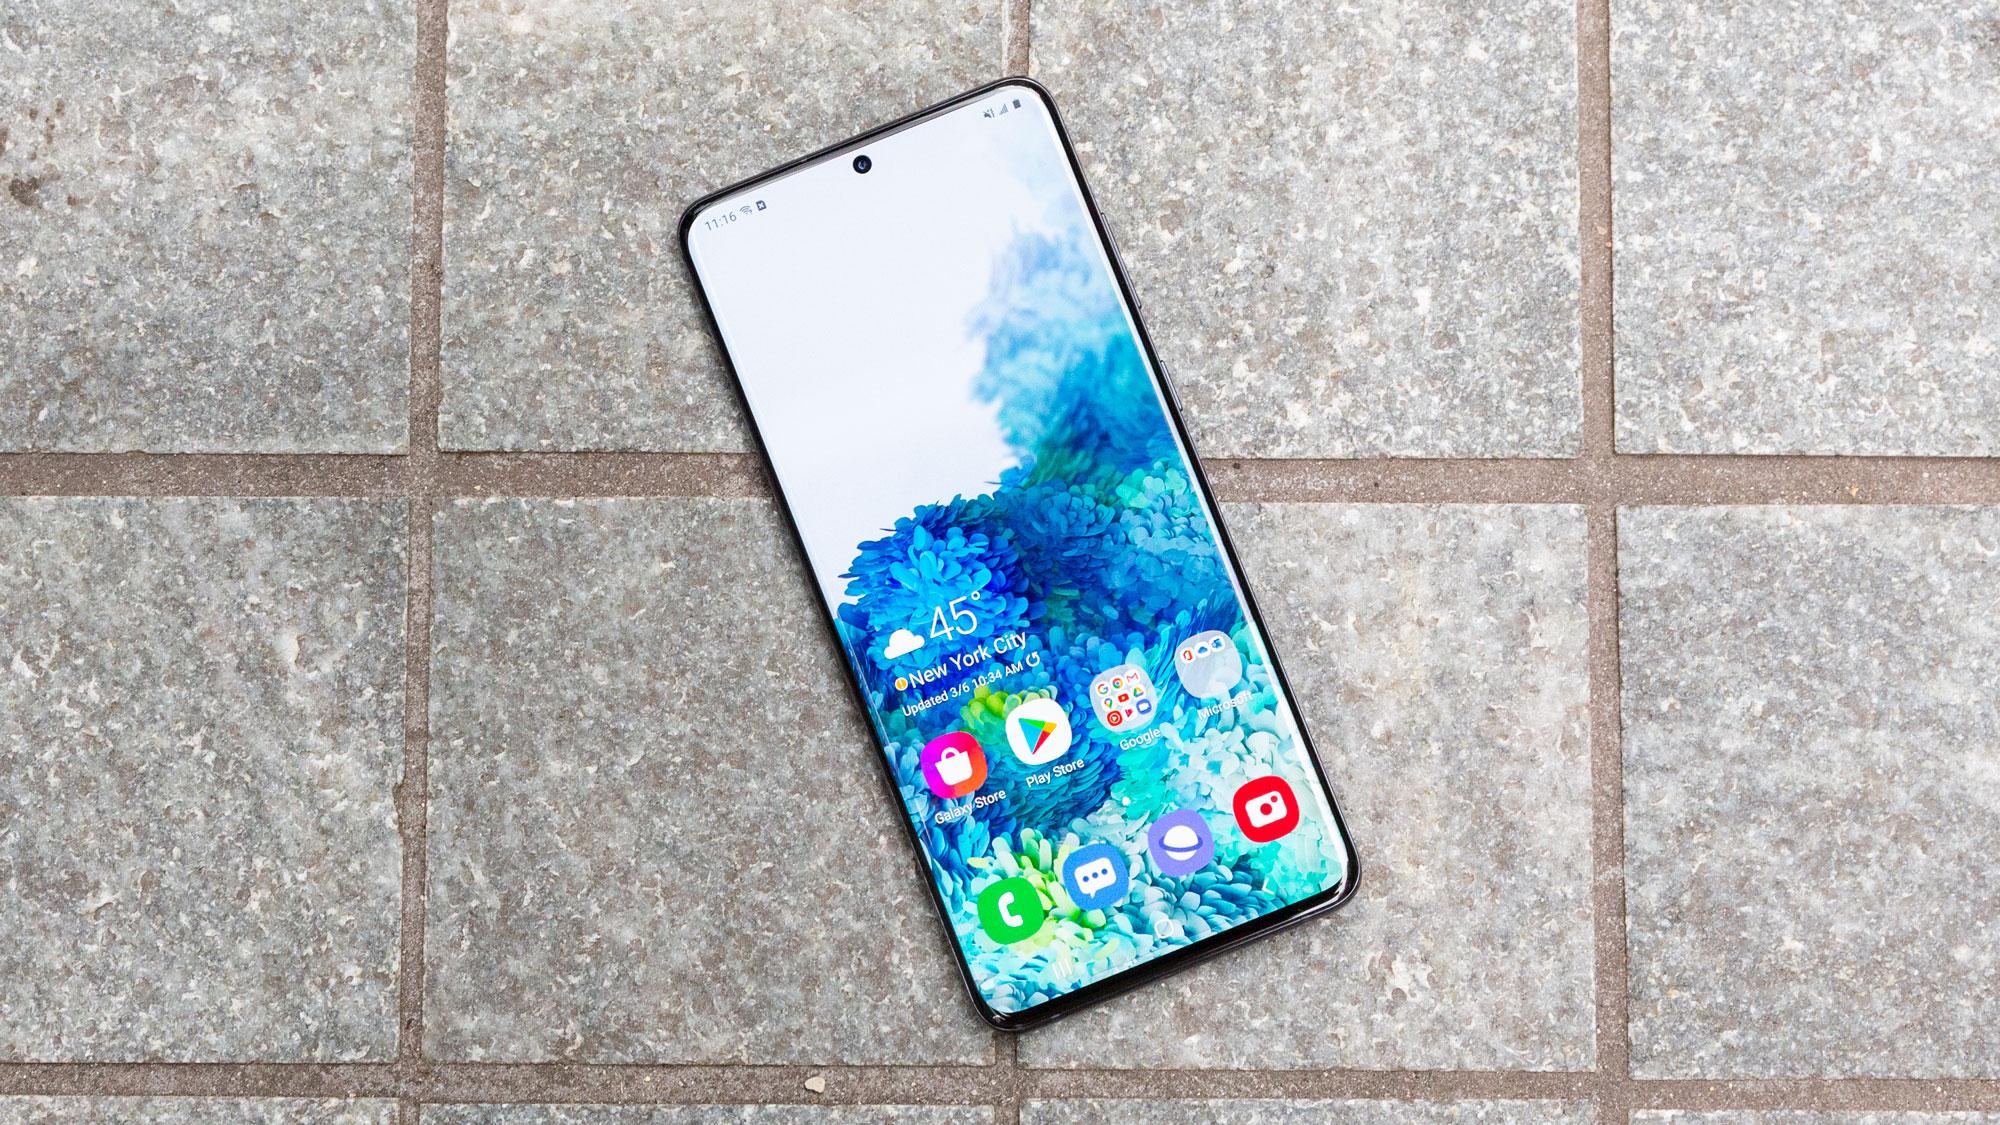 O Samsung Galaxy S20 Plus, equipado com 5G, durou 10 horas e 31 minutos no teste de bateria do Tom's Guide. Isso é duas horas a menos que o Galaxy S10 Plus do LTE, apenas no ano passado. & Nbsp;